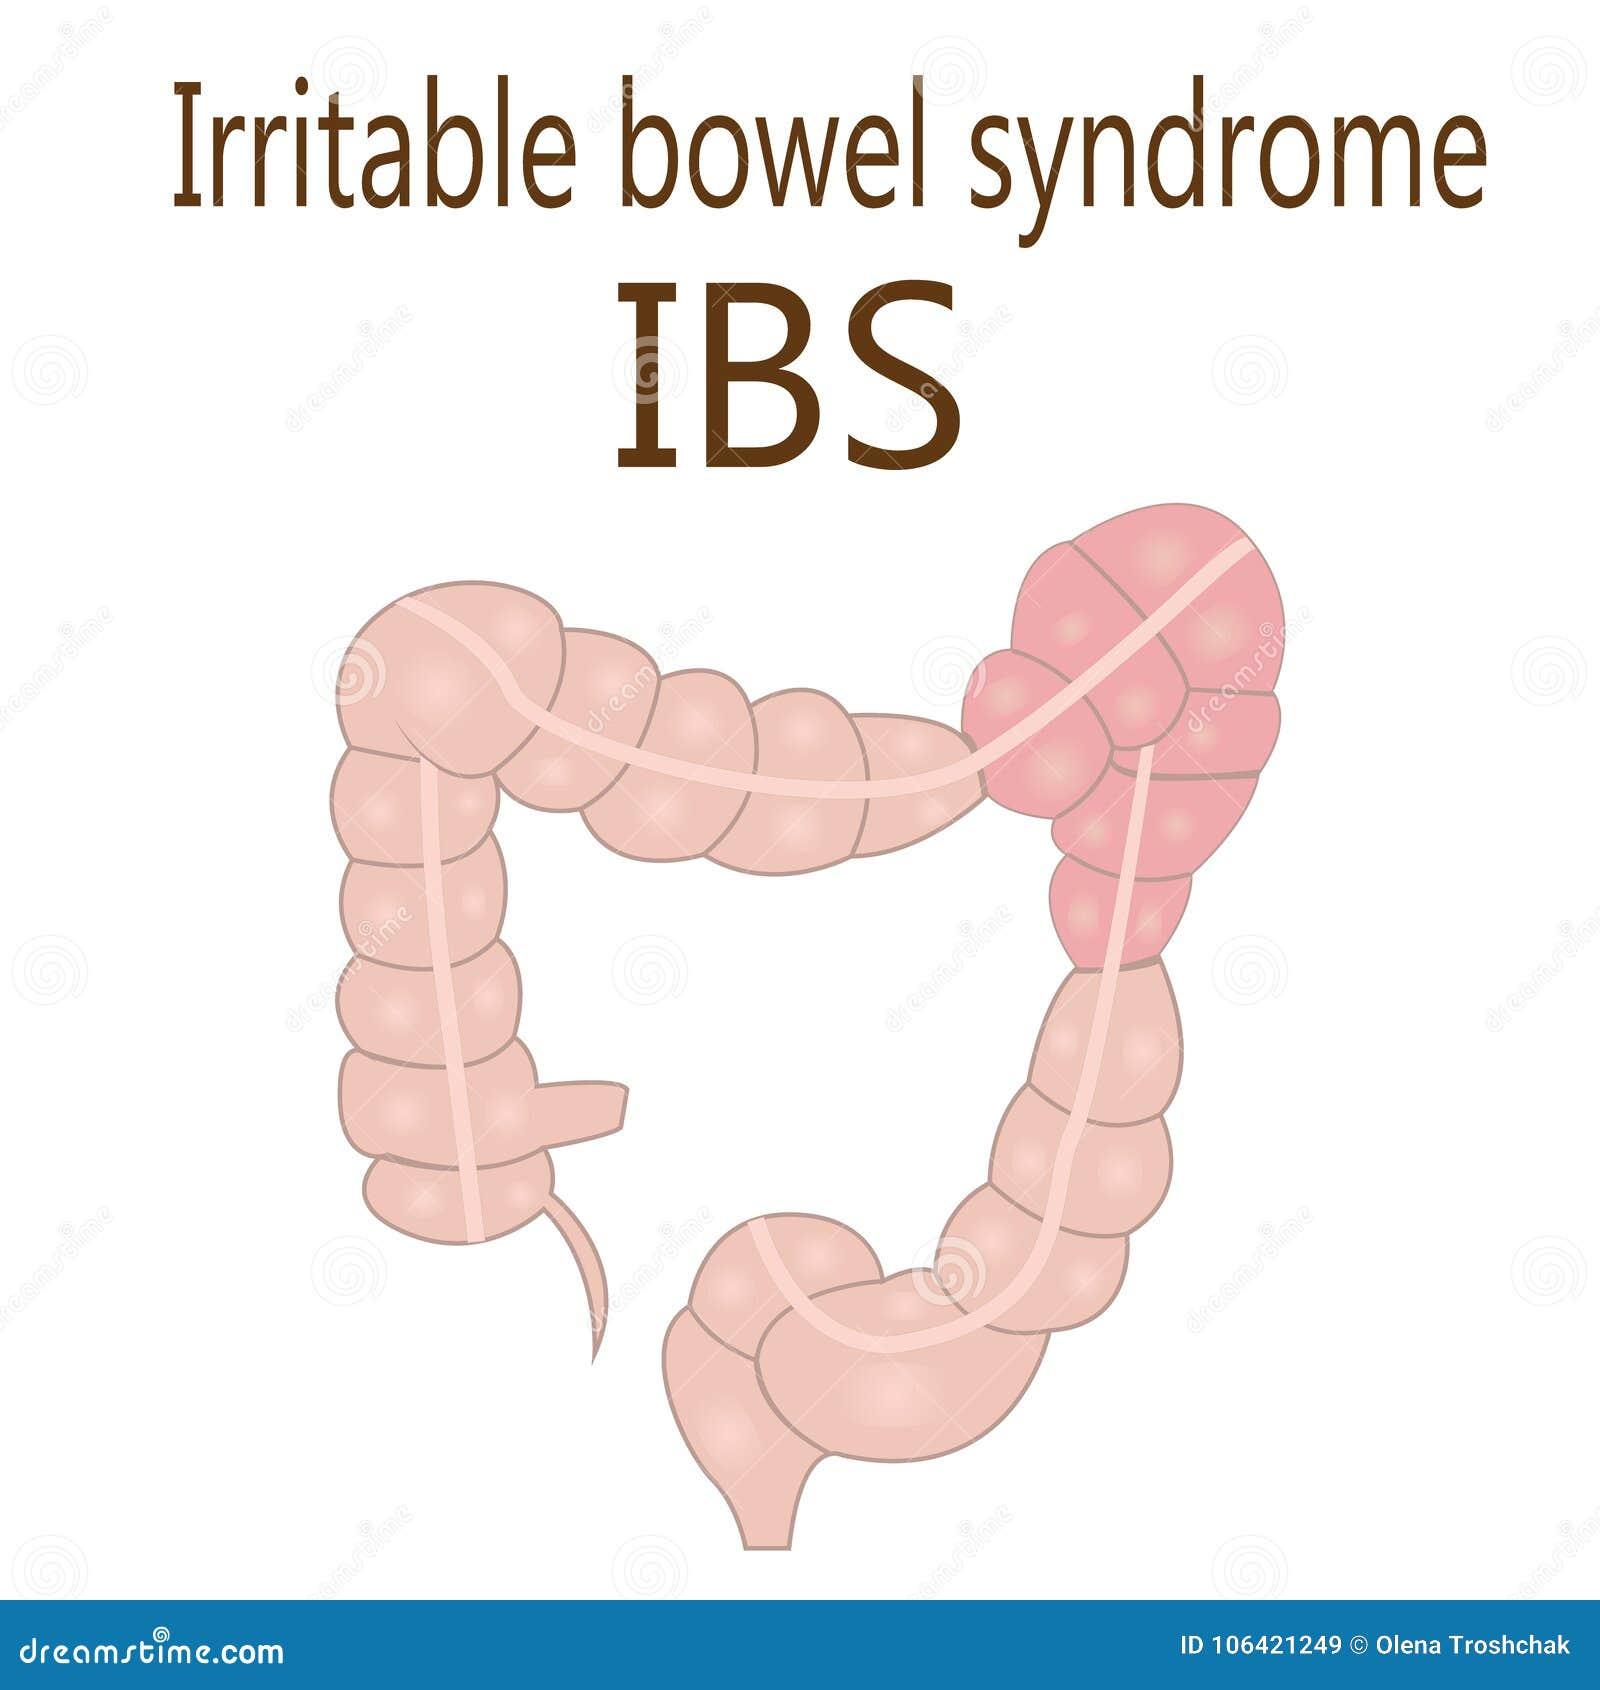 Σύνδρομο IBS ευερέθιστων εντέρων σε ένα μεγάλο έντερο